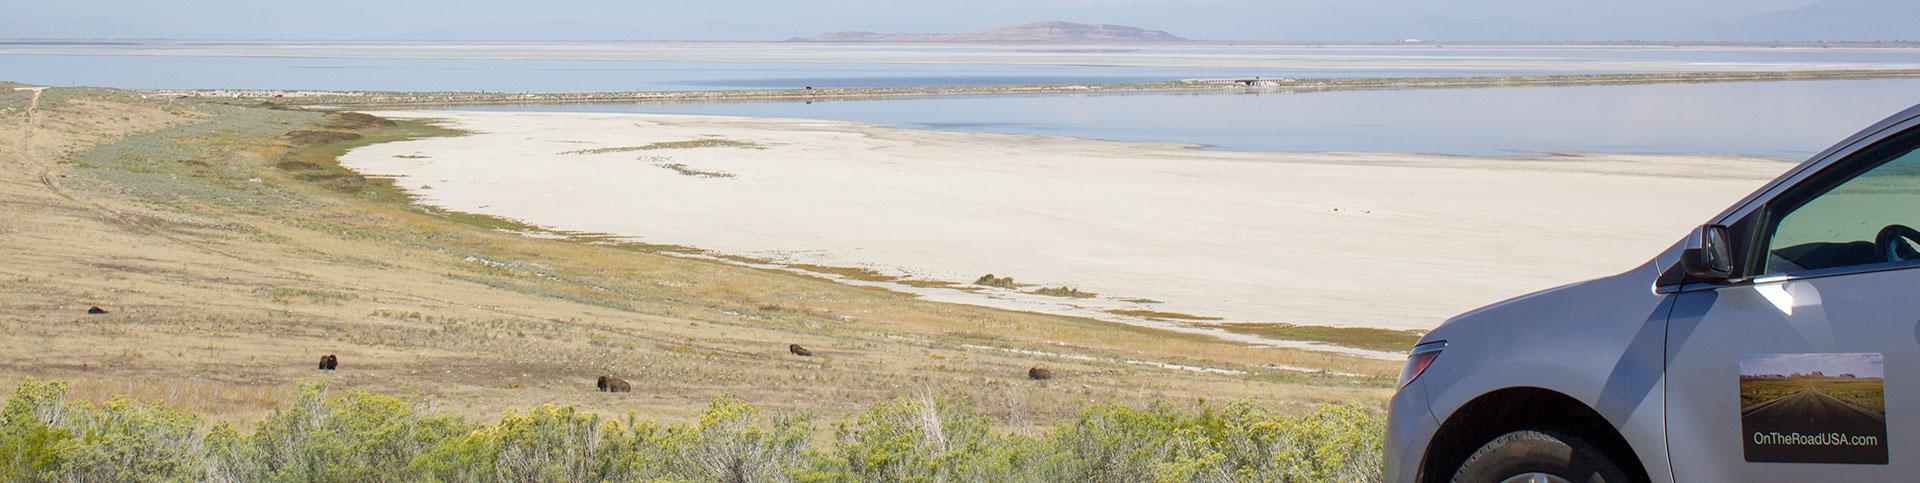 Antilope Island,Bison,Udsigt,Bil,Vand